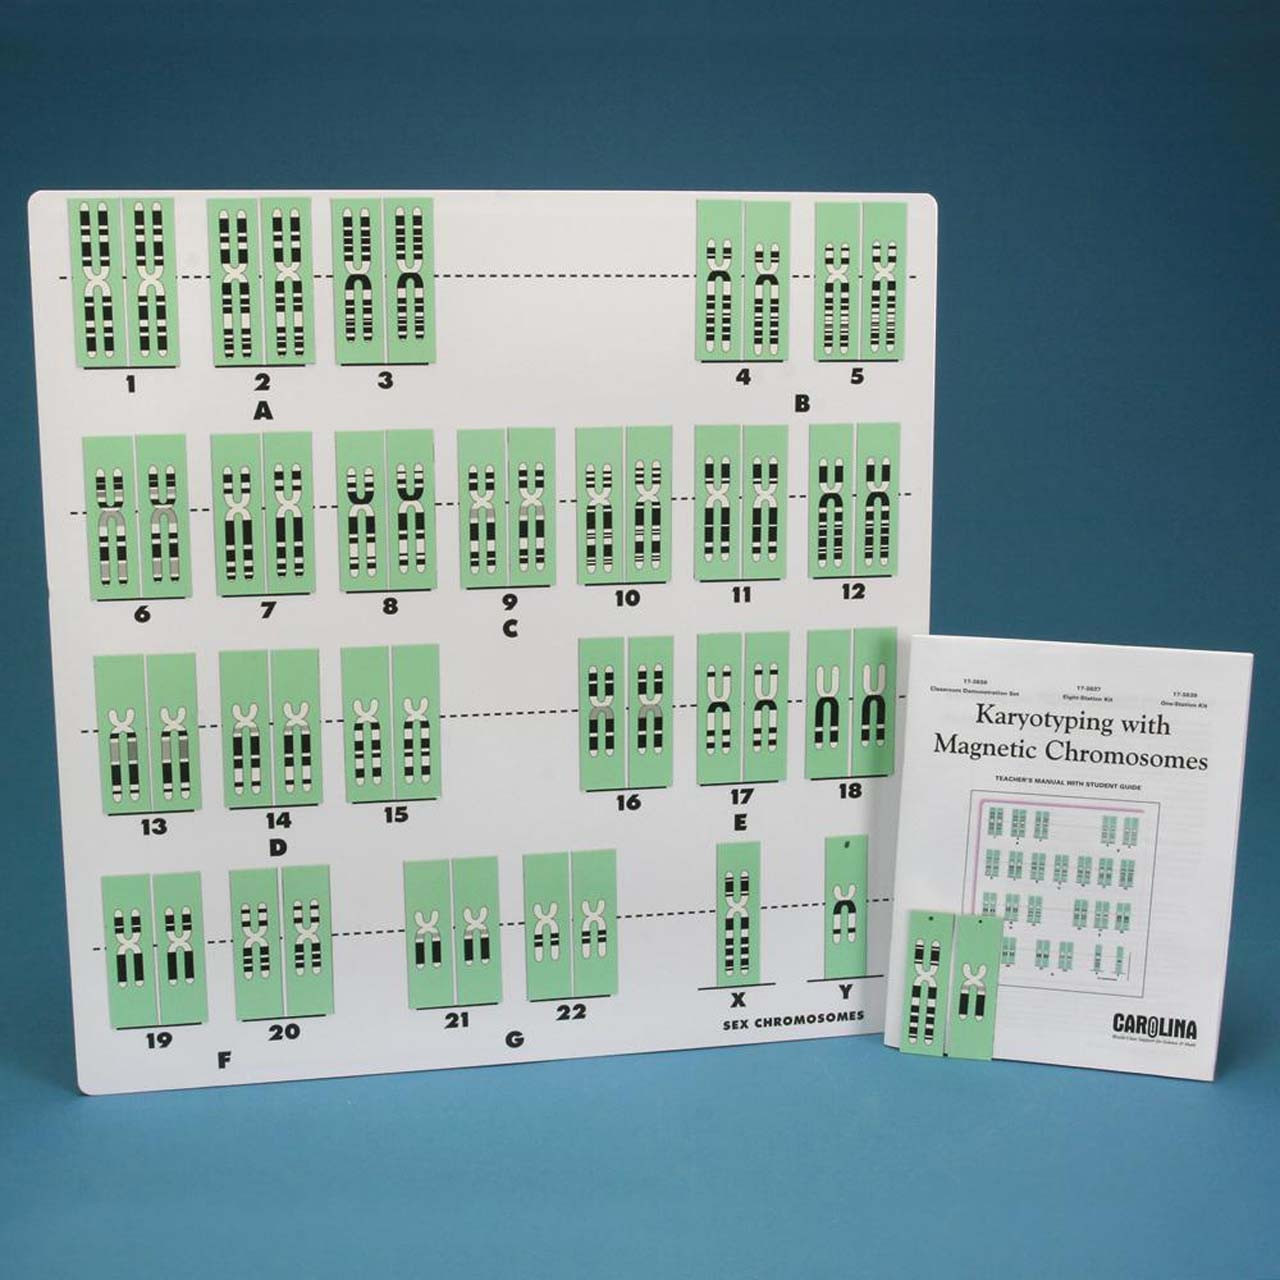 LAK2.25 - Karyotyping with Magnetic Chromosomes, 1-Station Kit